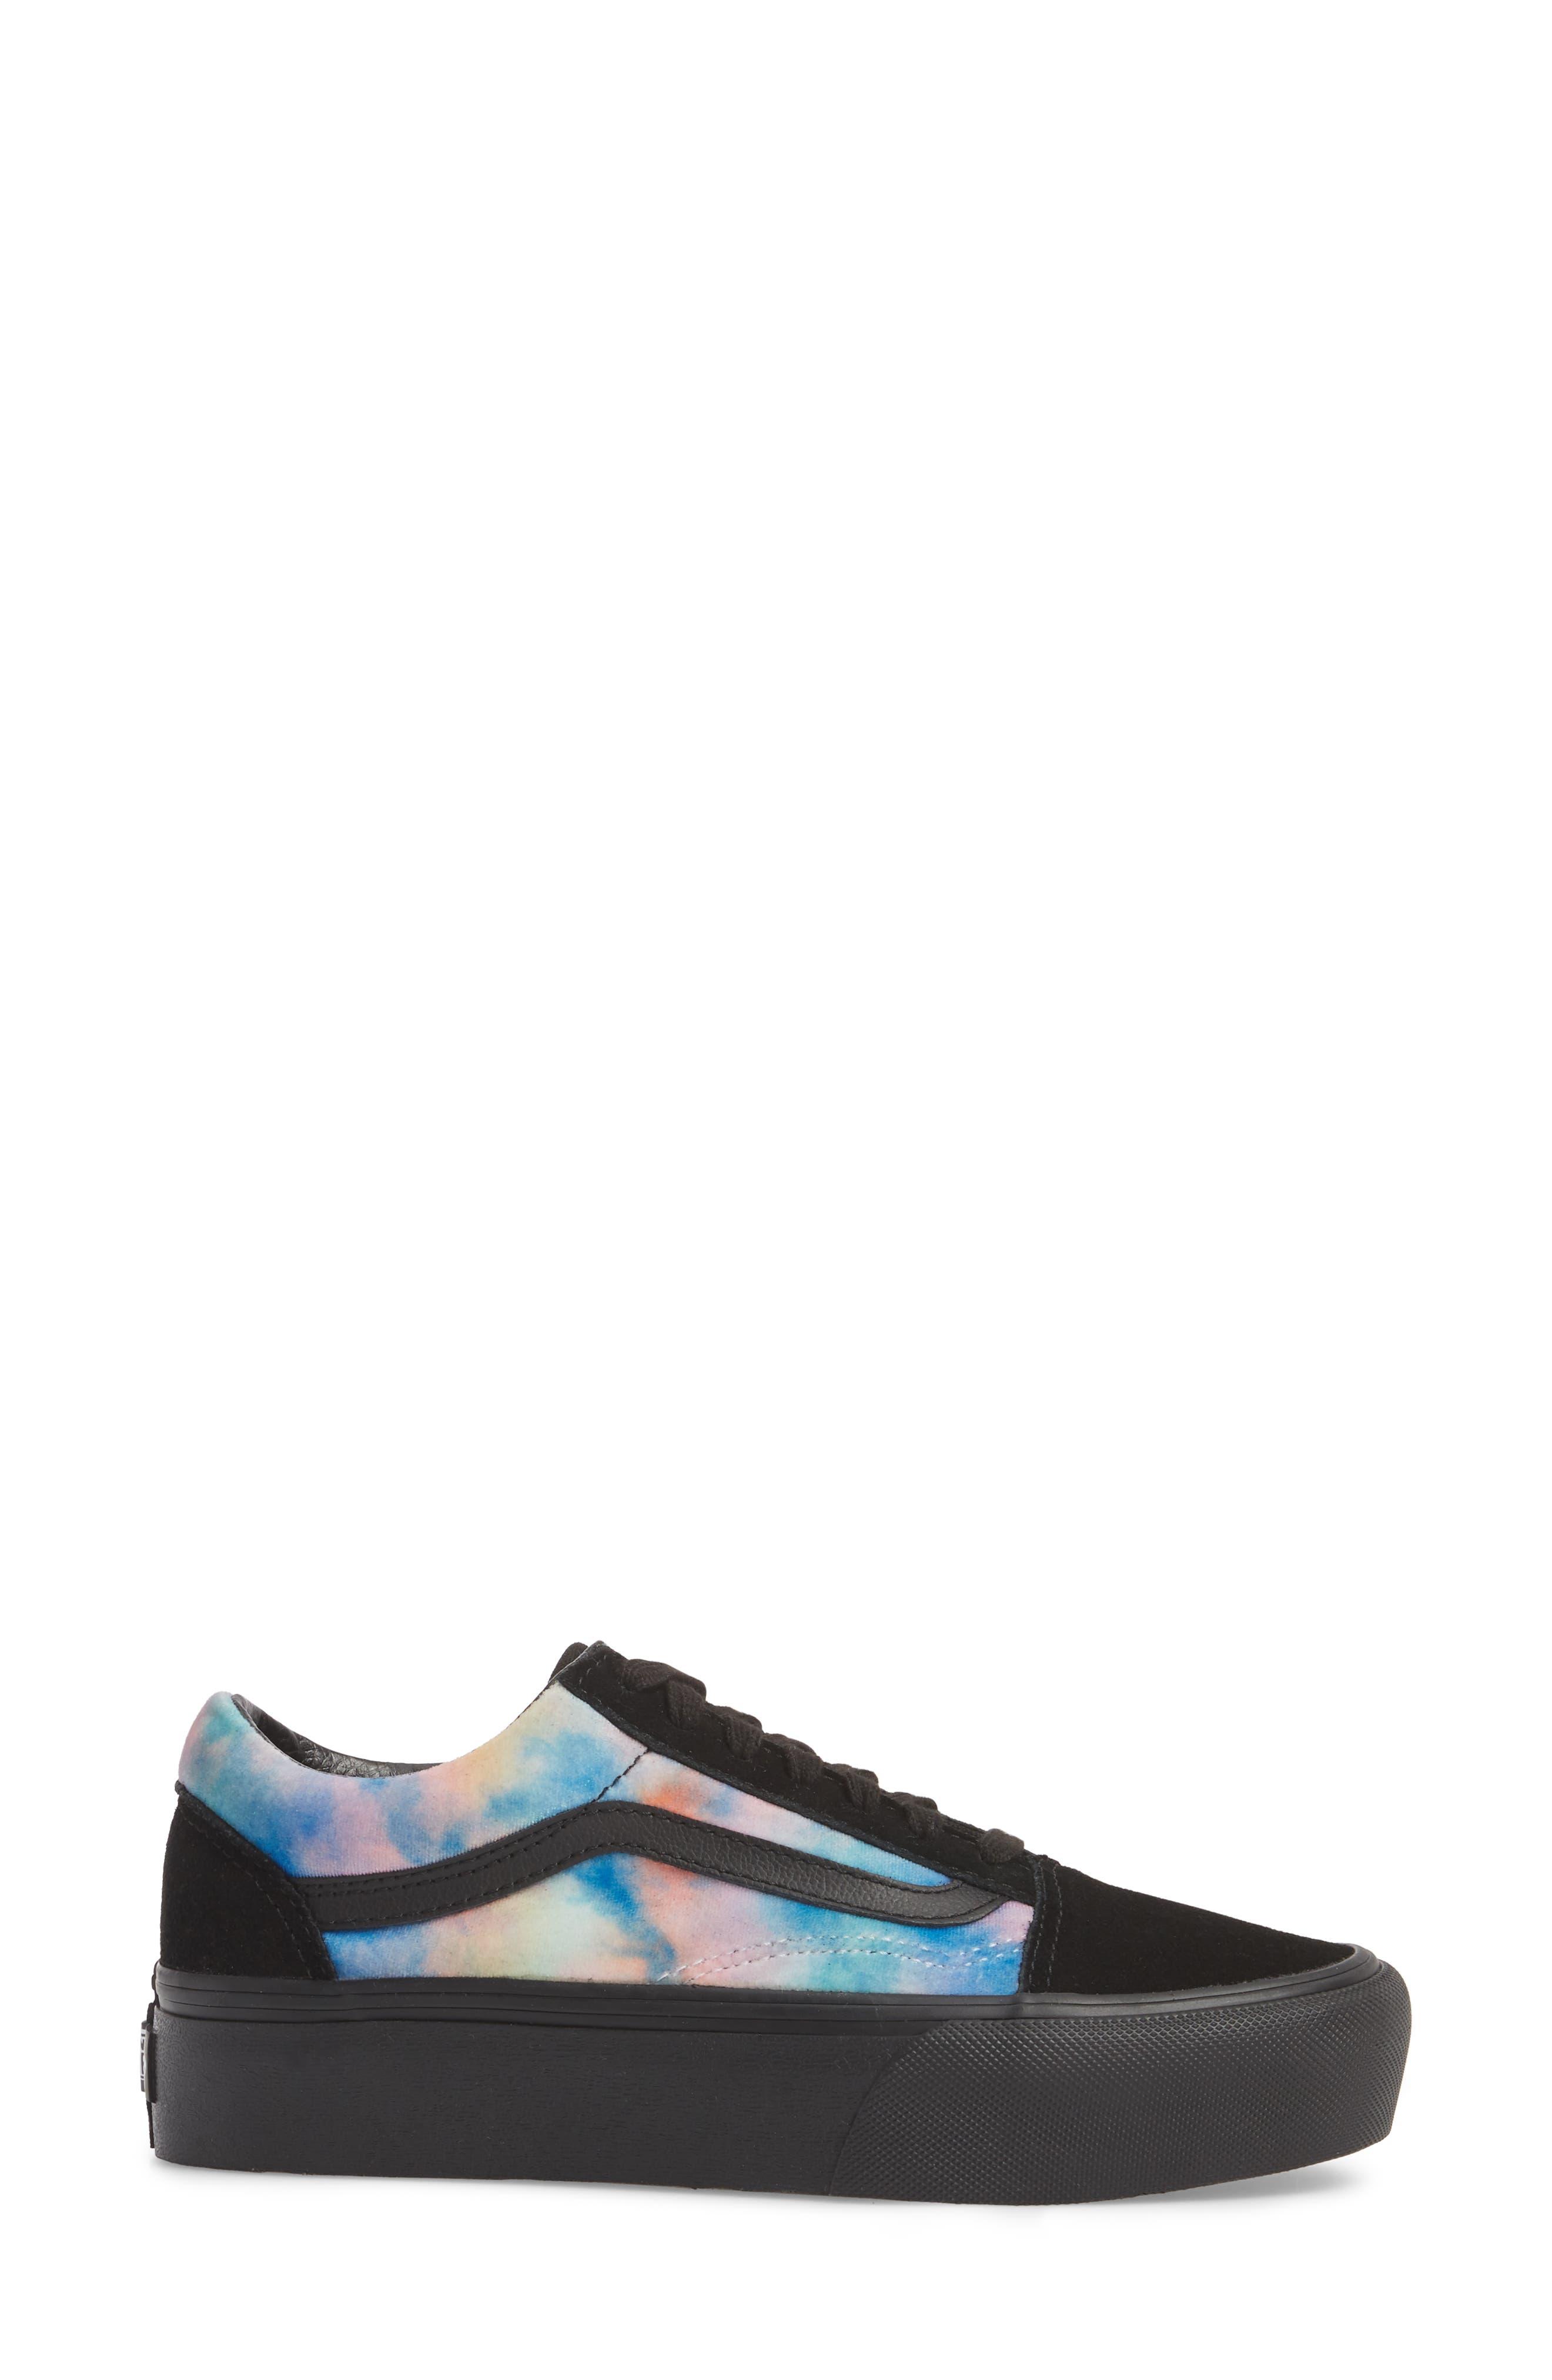 Old Skool Platform Sneaker,                             Alternate thumbnail 4, color,                             Velvet Tie-Dye Multi/ Black